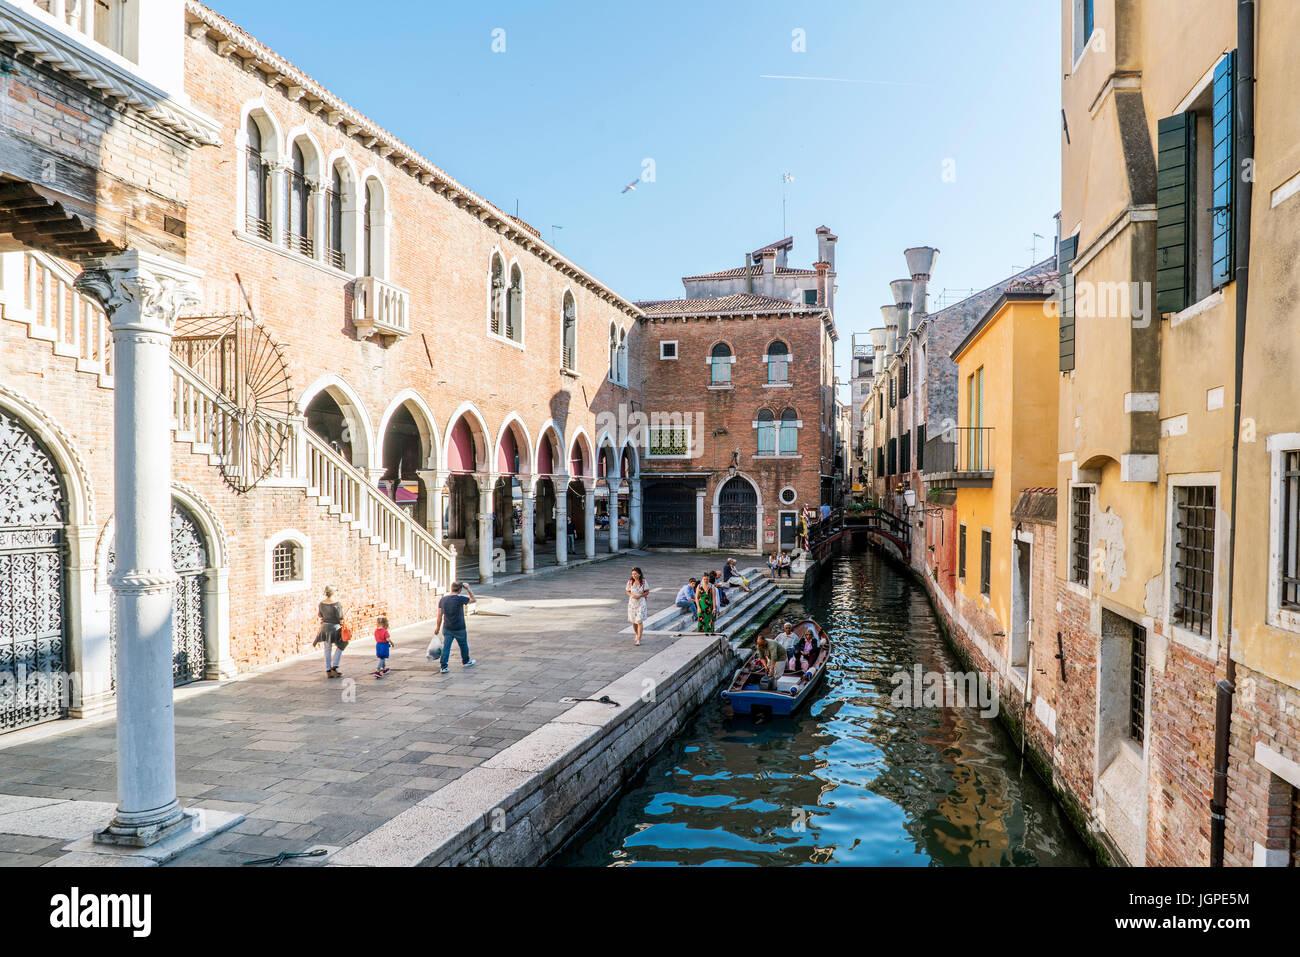 """Venice, Veneto, Italy. May 21, 2017: Narrow channel next to the fish market near the street called """"de la Pescaria"""" Stock Photo"""